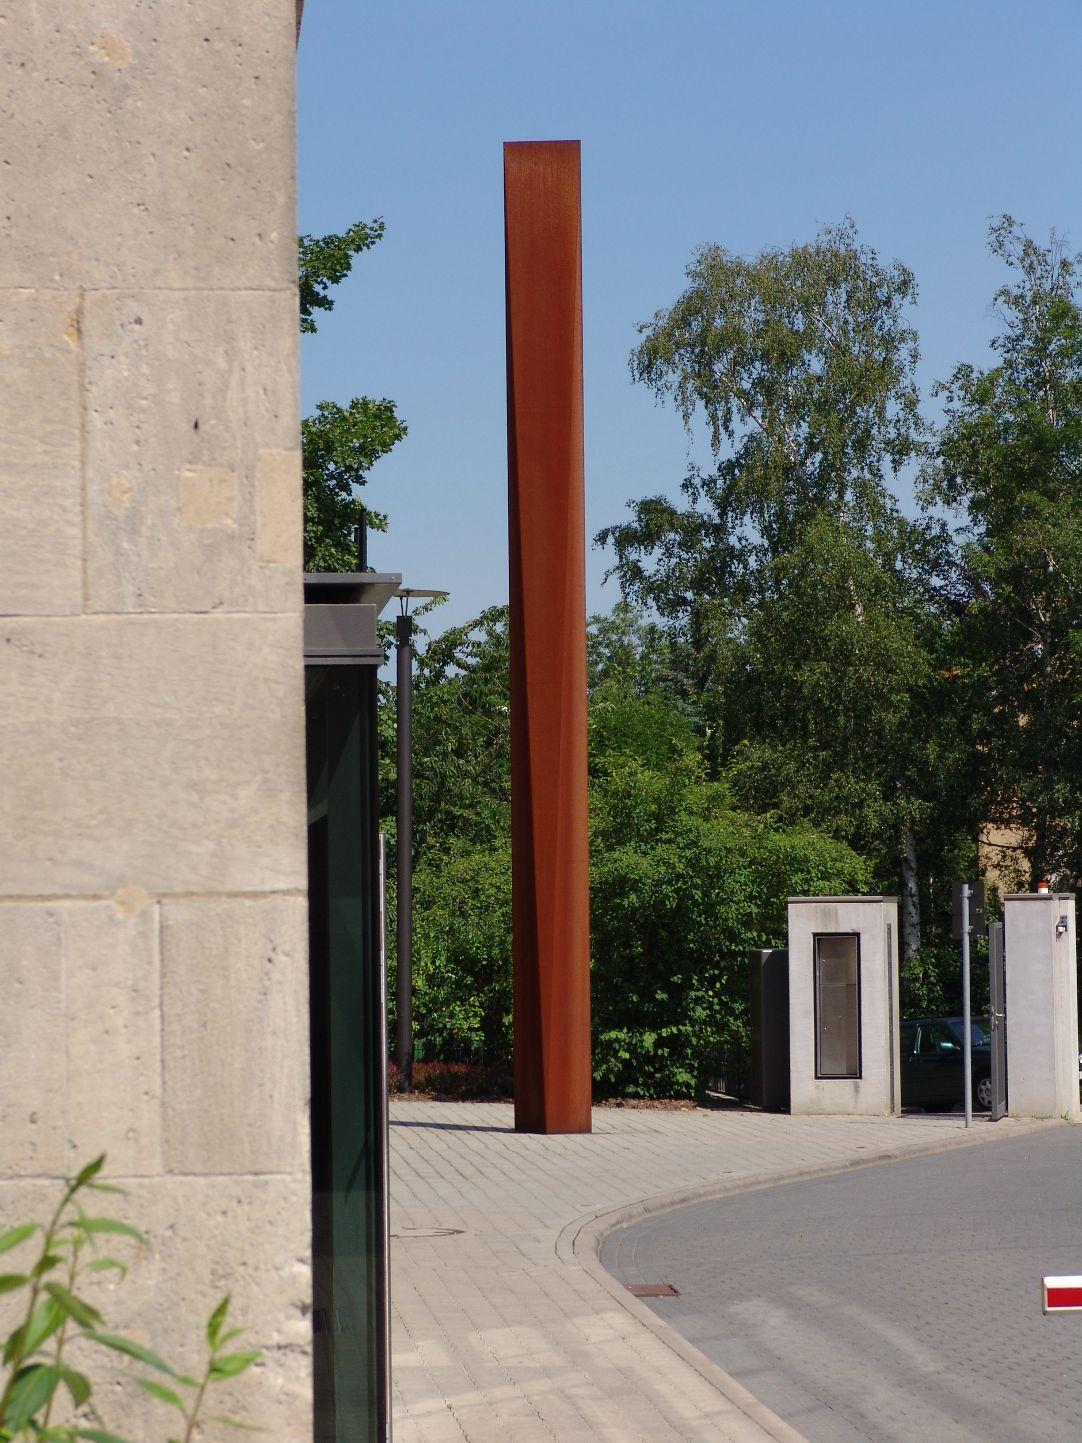 09029_Kunst am Bau